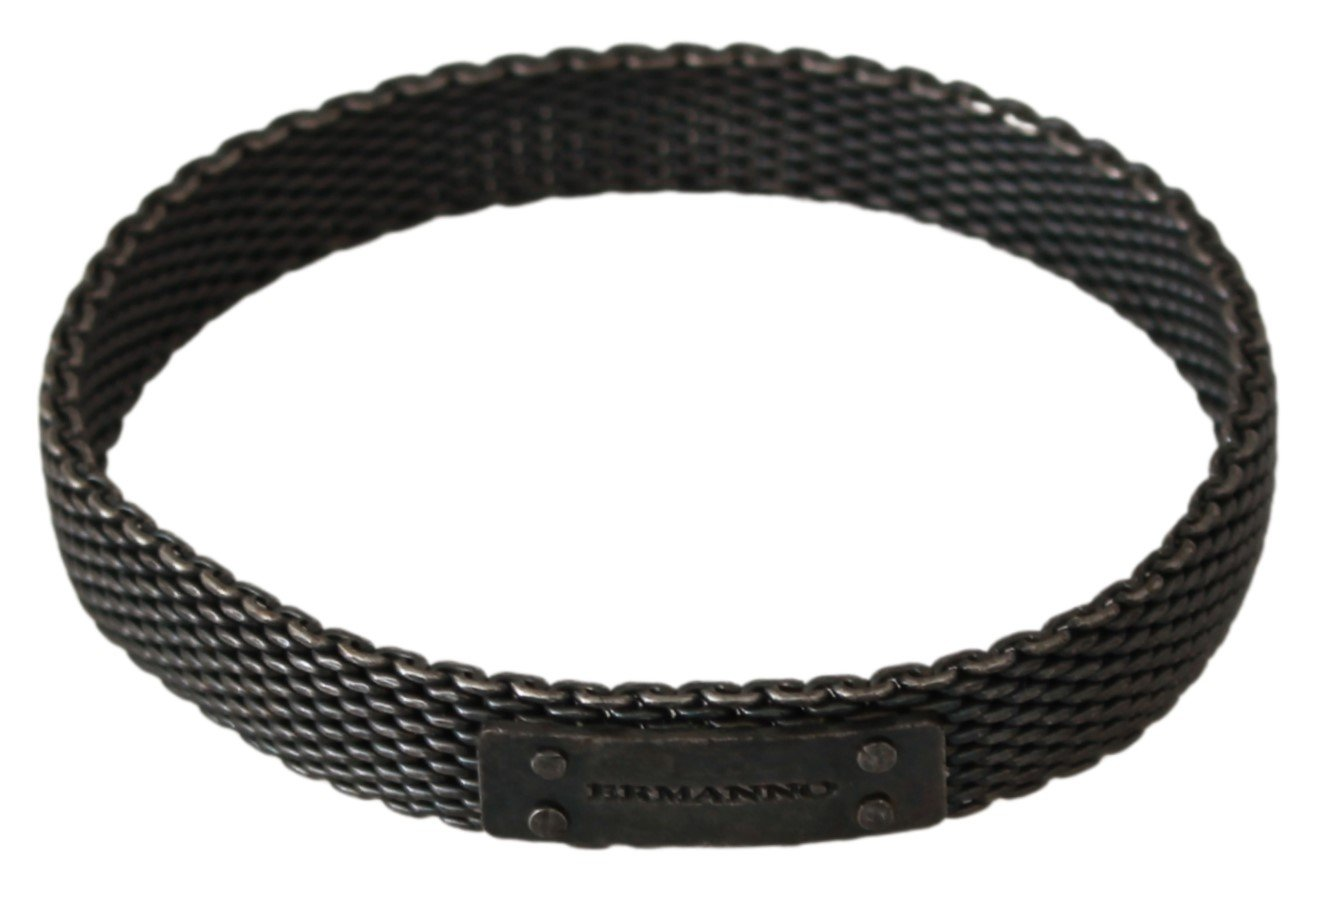 Ermanno Scervino Men's Branded Metal Steel Bracelet Silver SMY7005